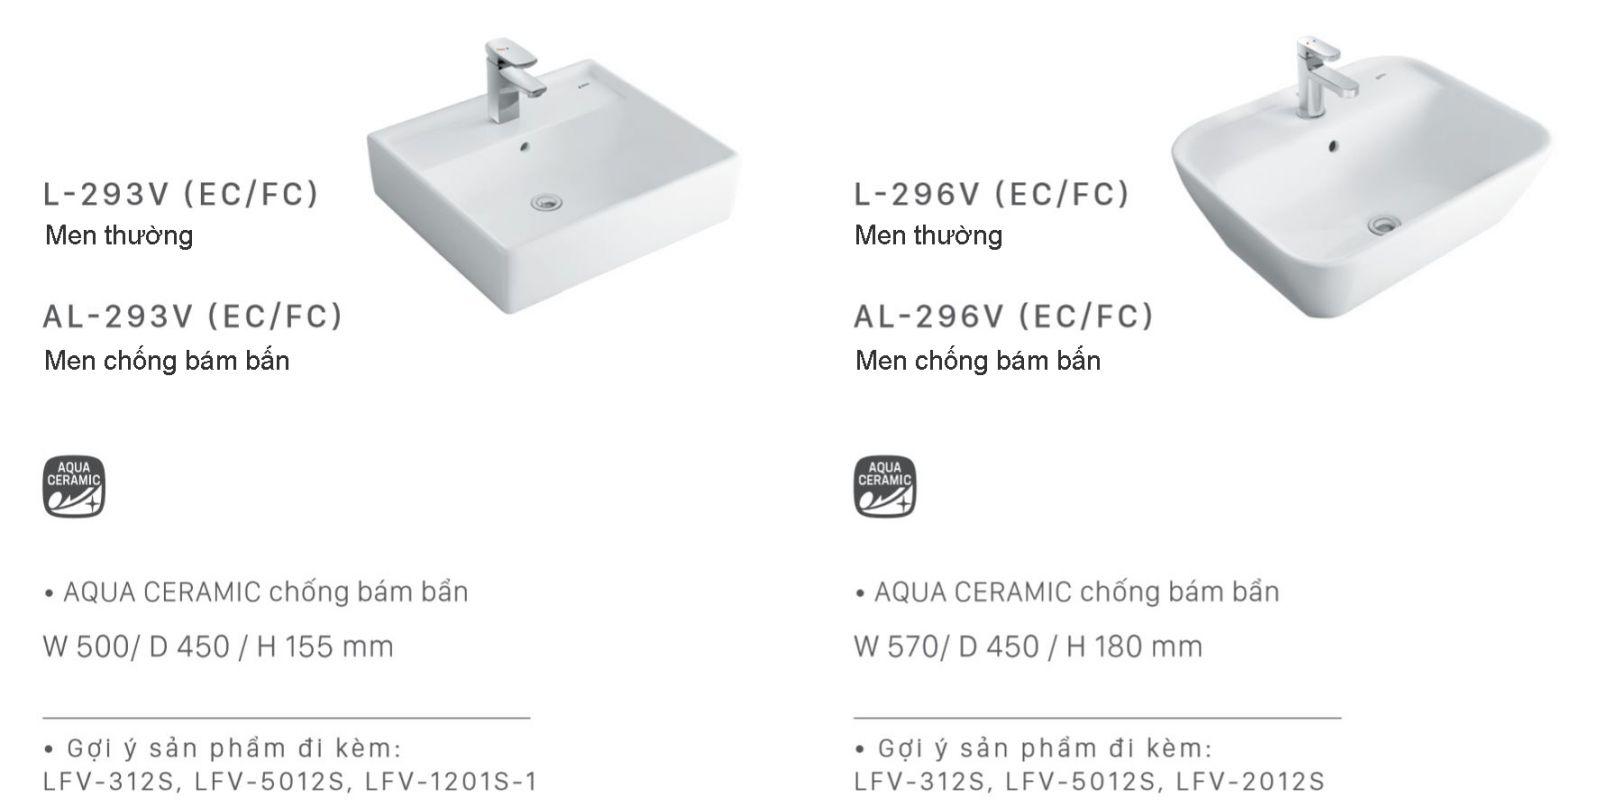 lavabo dat ban inax l293 chau rua mat inax l293